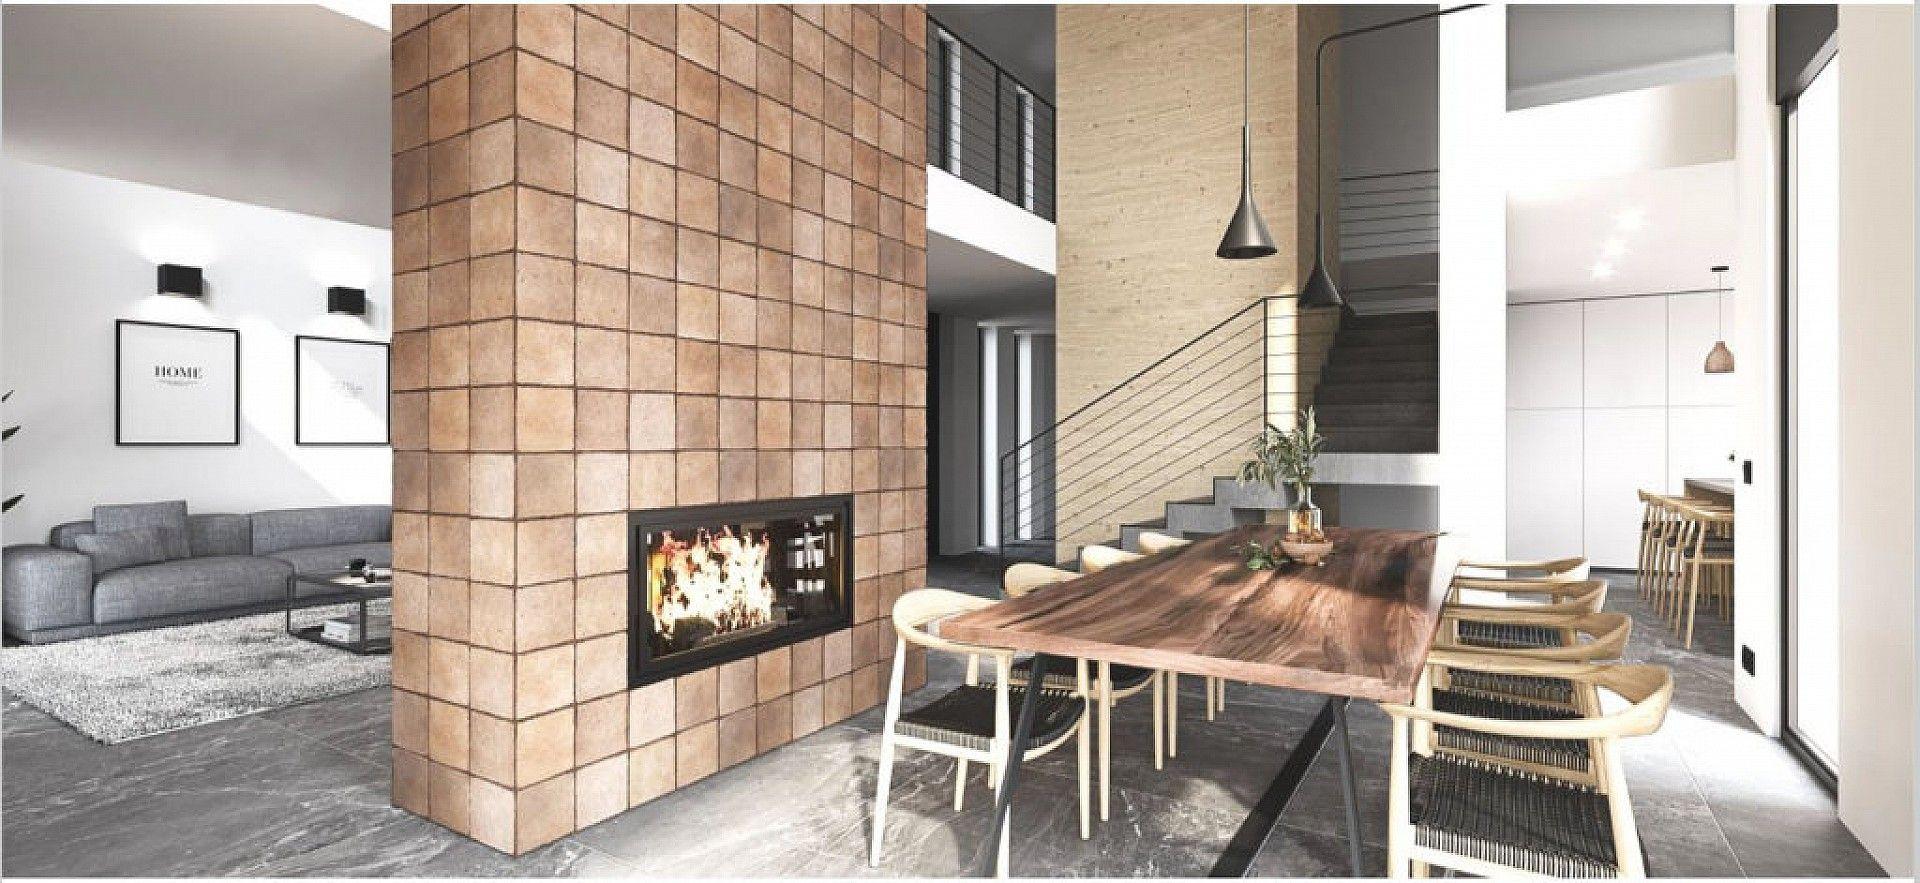 w_te-koop-huis-project-moraira-teulada-costa-blanca-nf2028-014-3.jpg